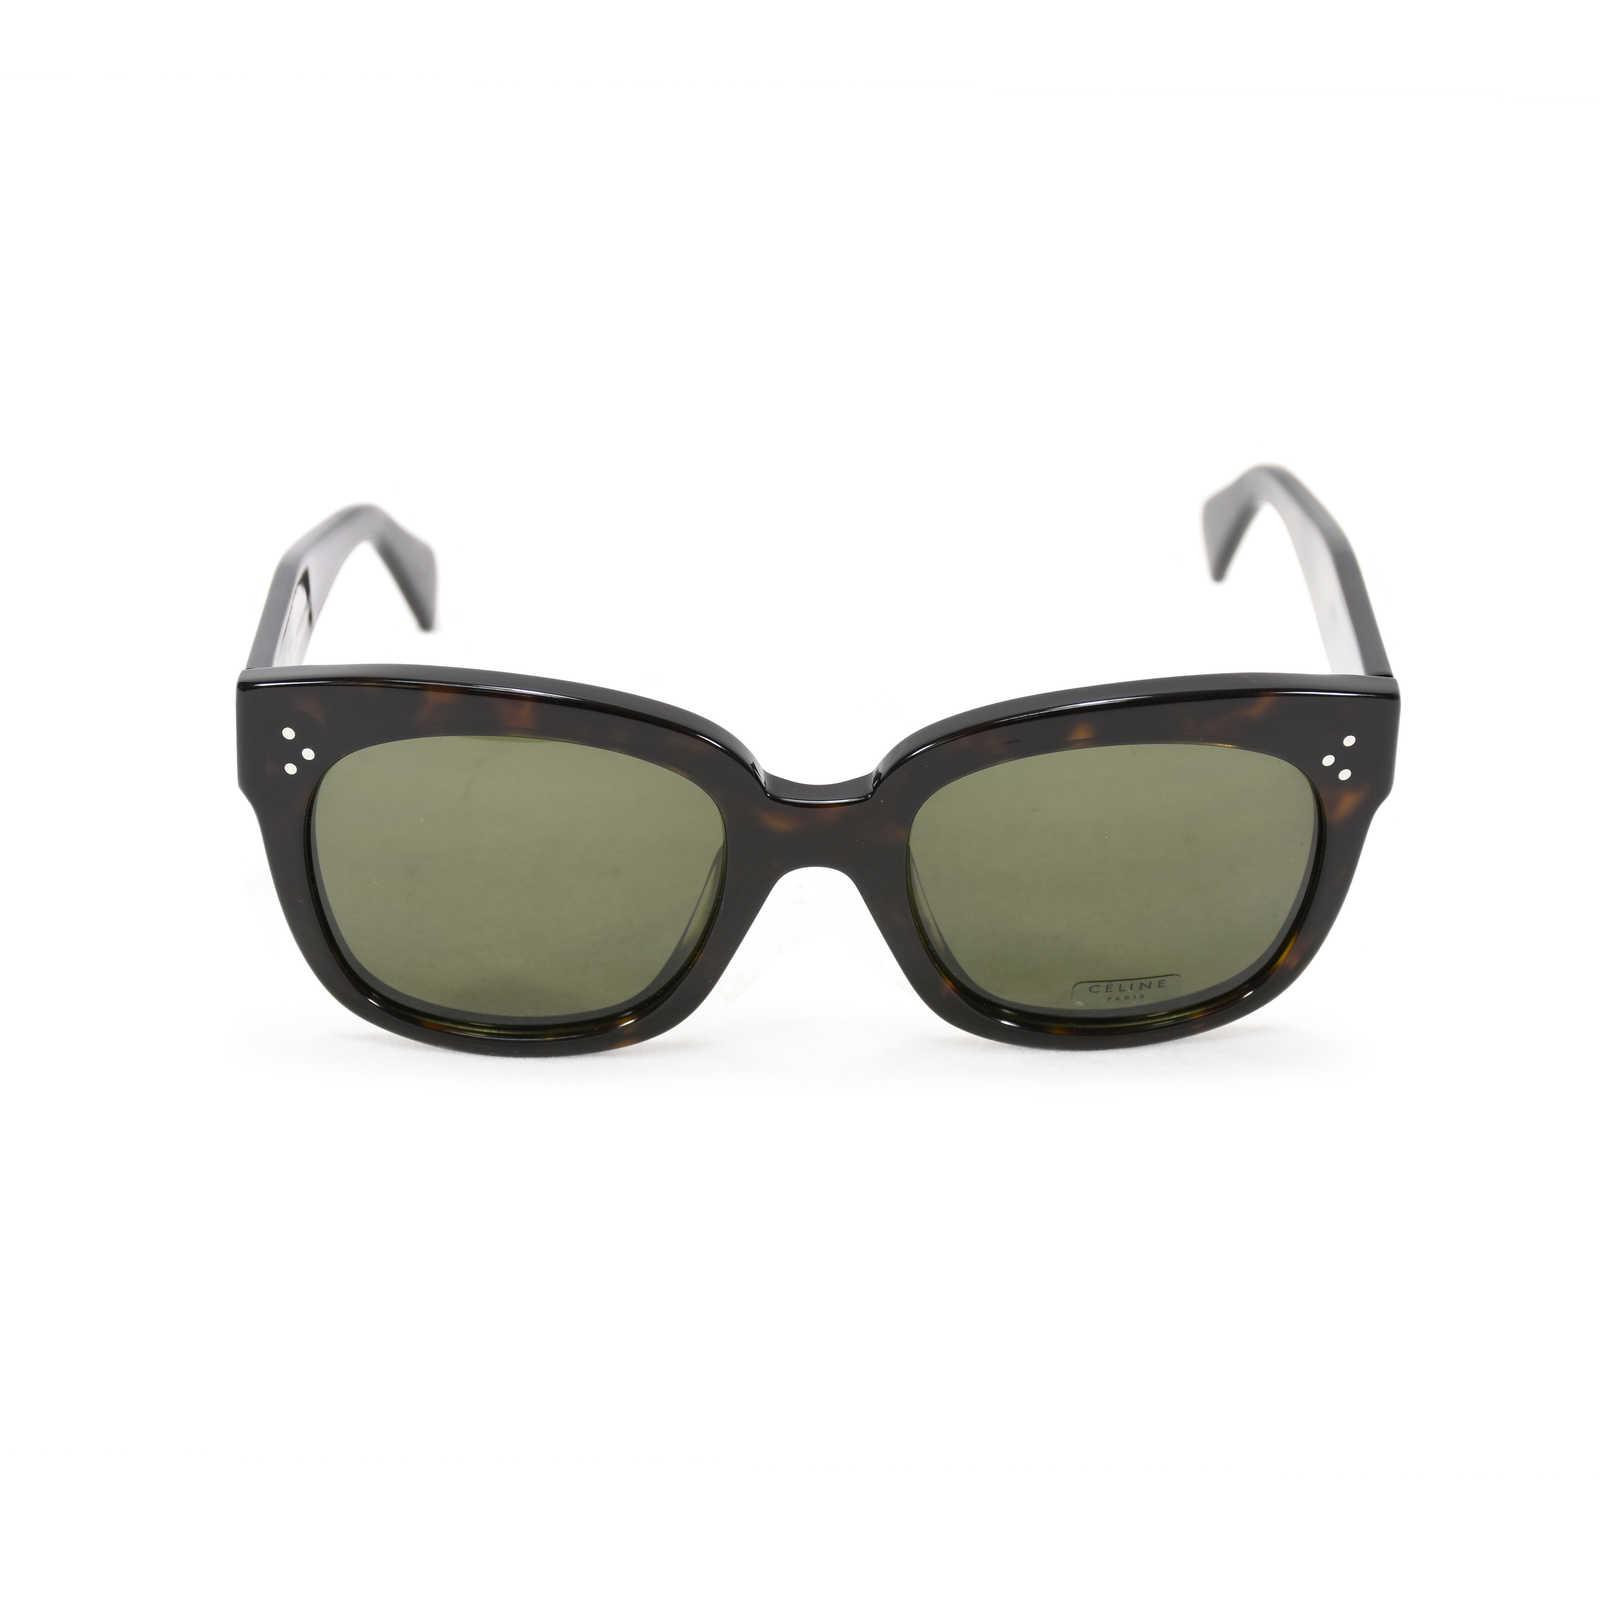 334b2dc66089 ... Authentic Second Hand Céline New Audrey Sunglasses (PSS-356-00009) -  Thumbnail ...